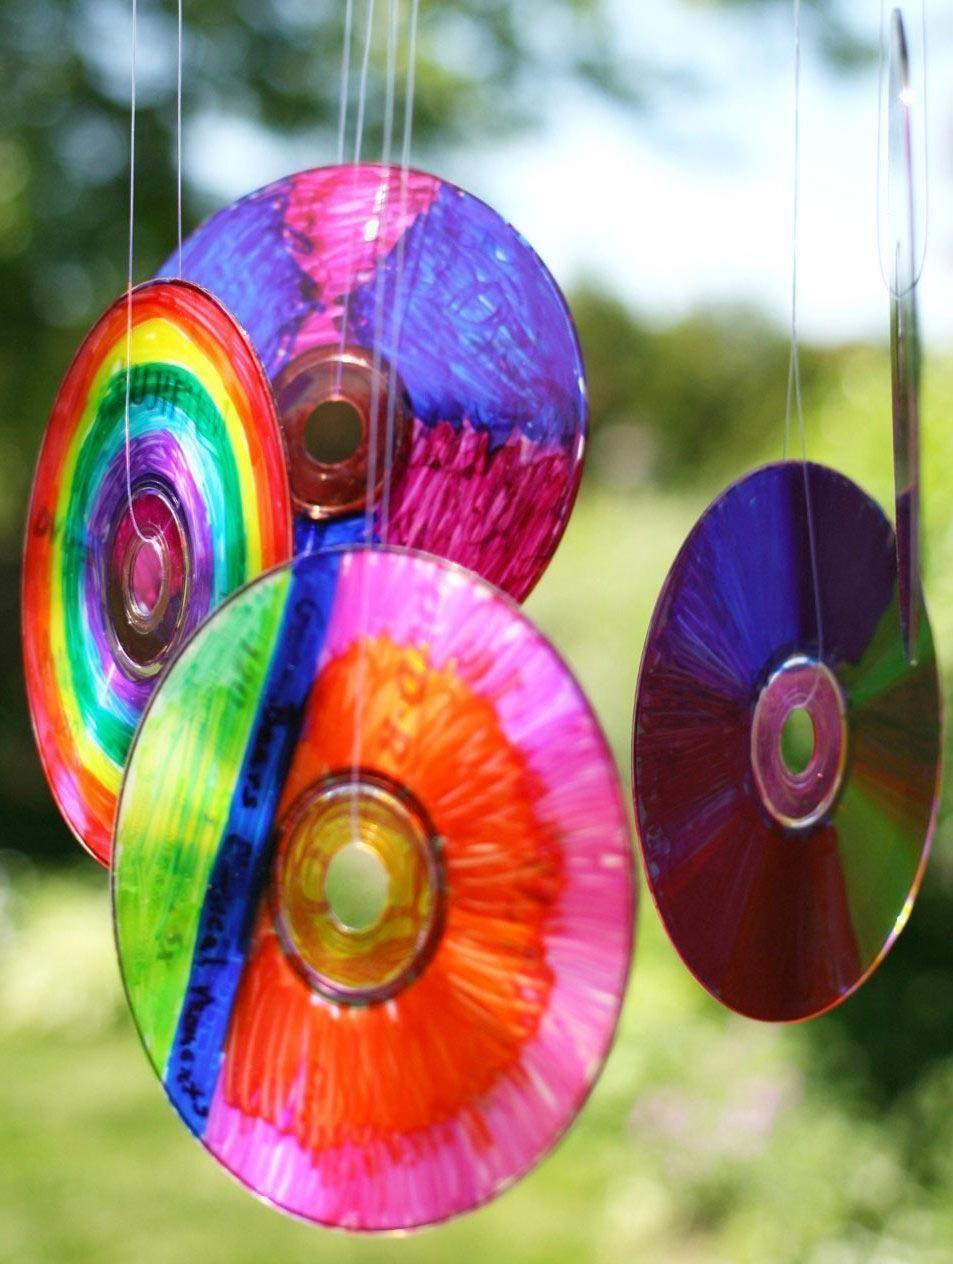 CD Crafts: 70 Ideen und Tutorials Schritt für Schritt #recycledcd